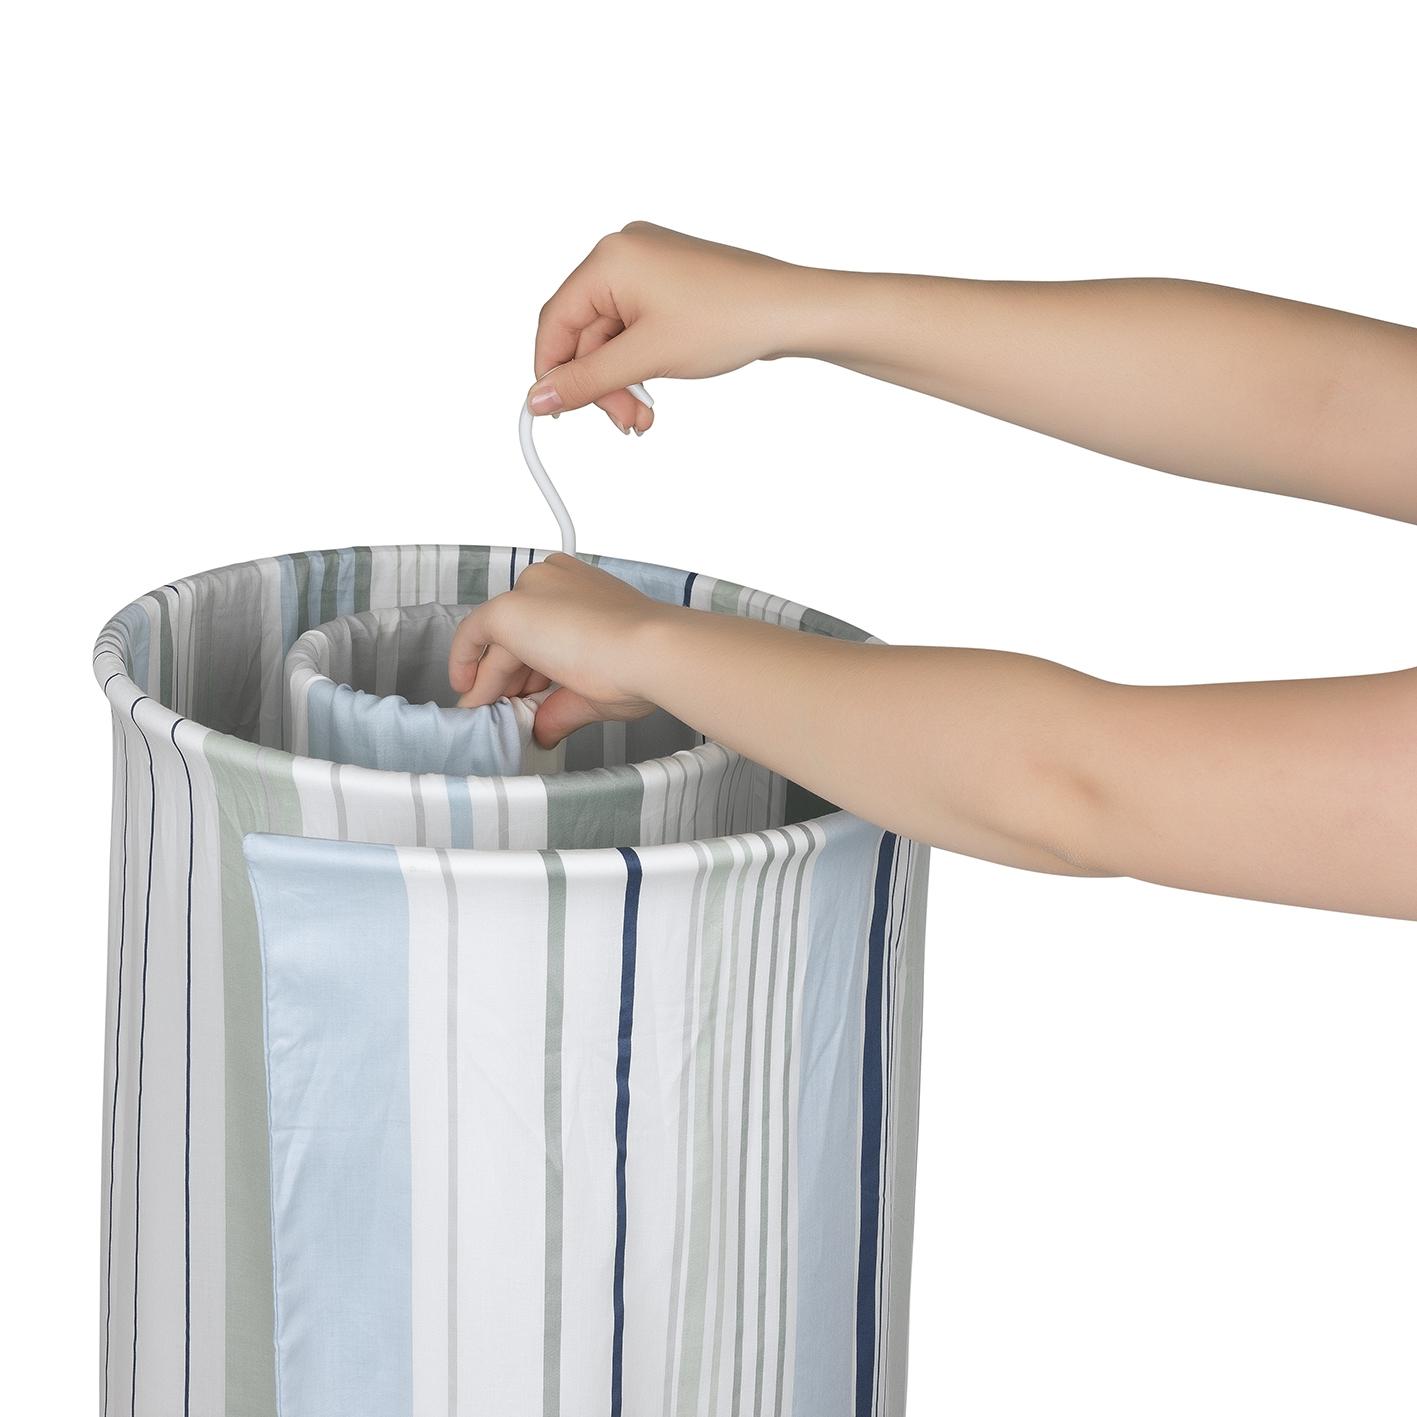 Wäscheständer Decke: TROCKENFIX Wäschebügel Zum Wäschetrocknen Von Bettwäsche